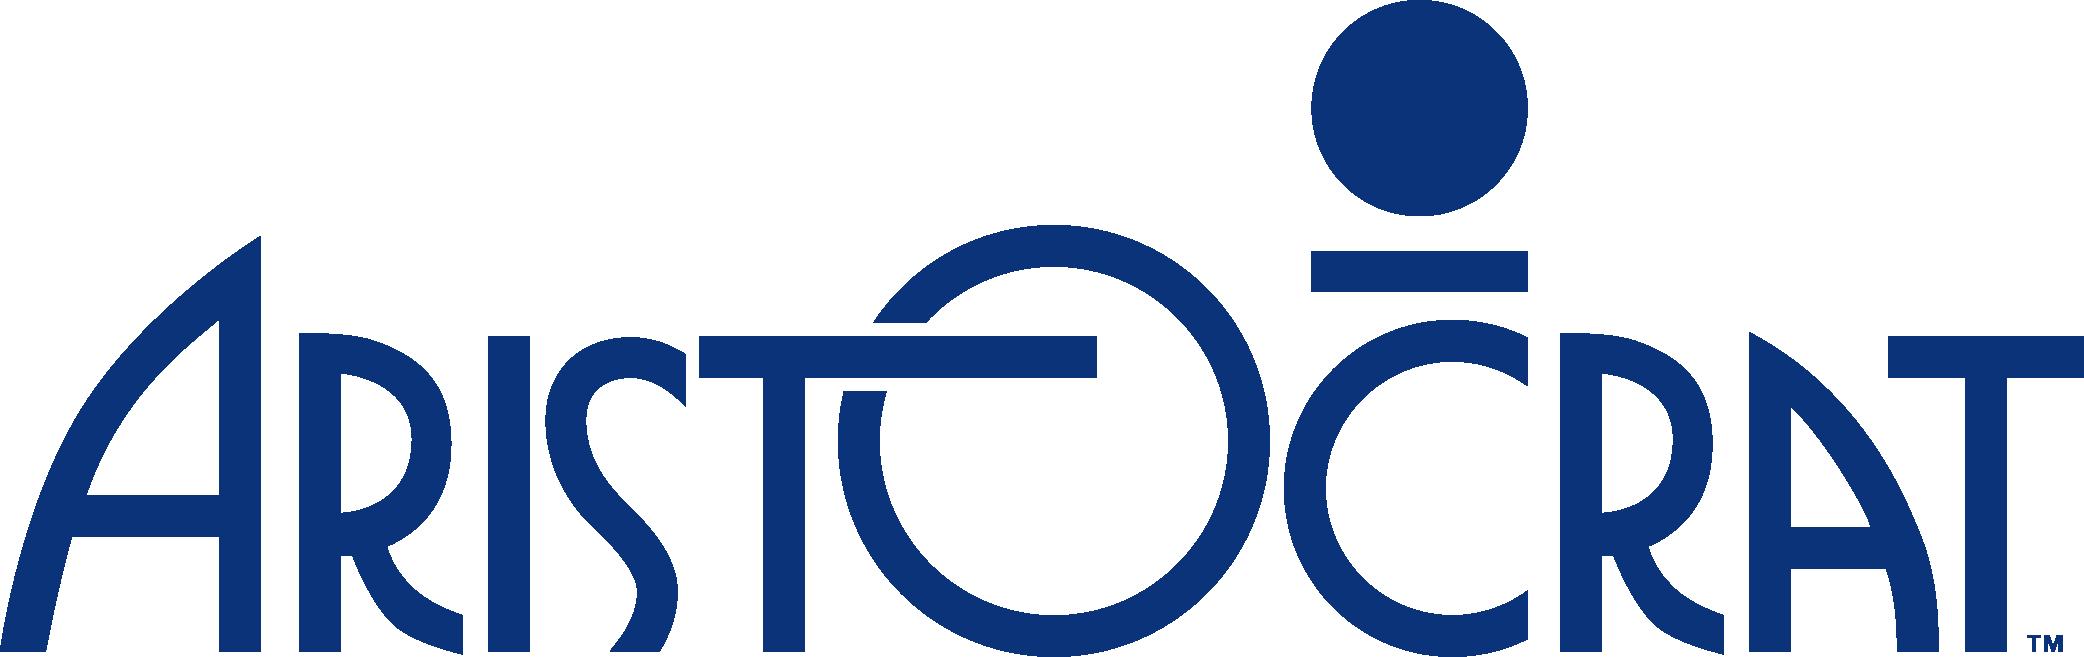 _Aristocrat logo_Blue